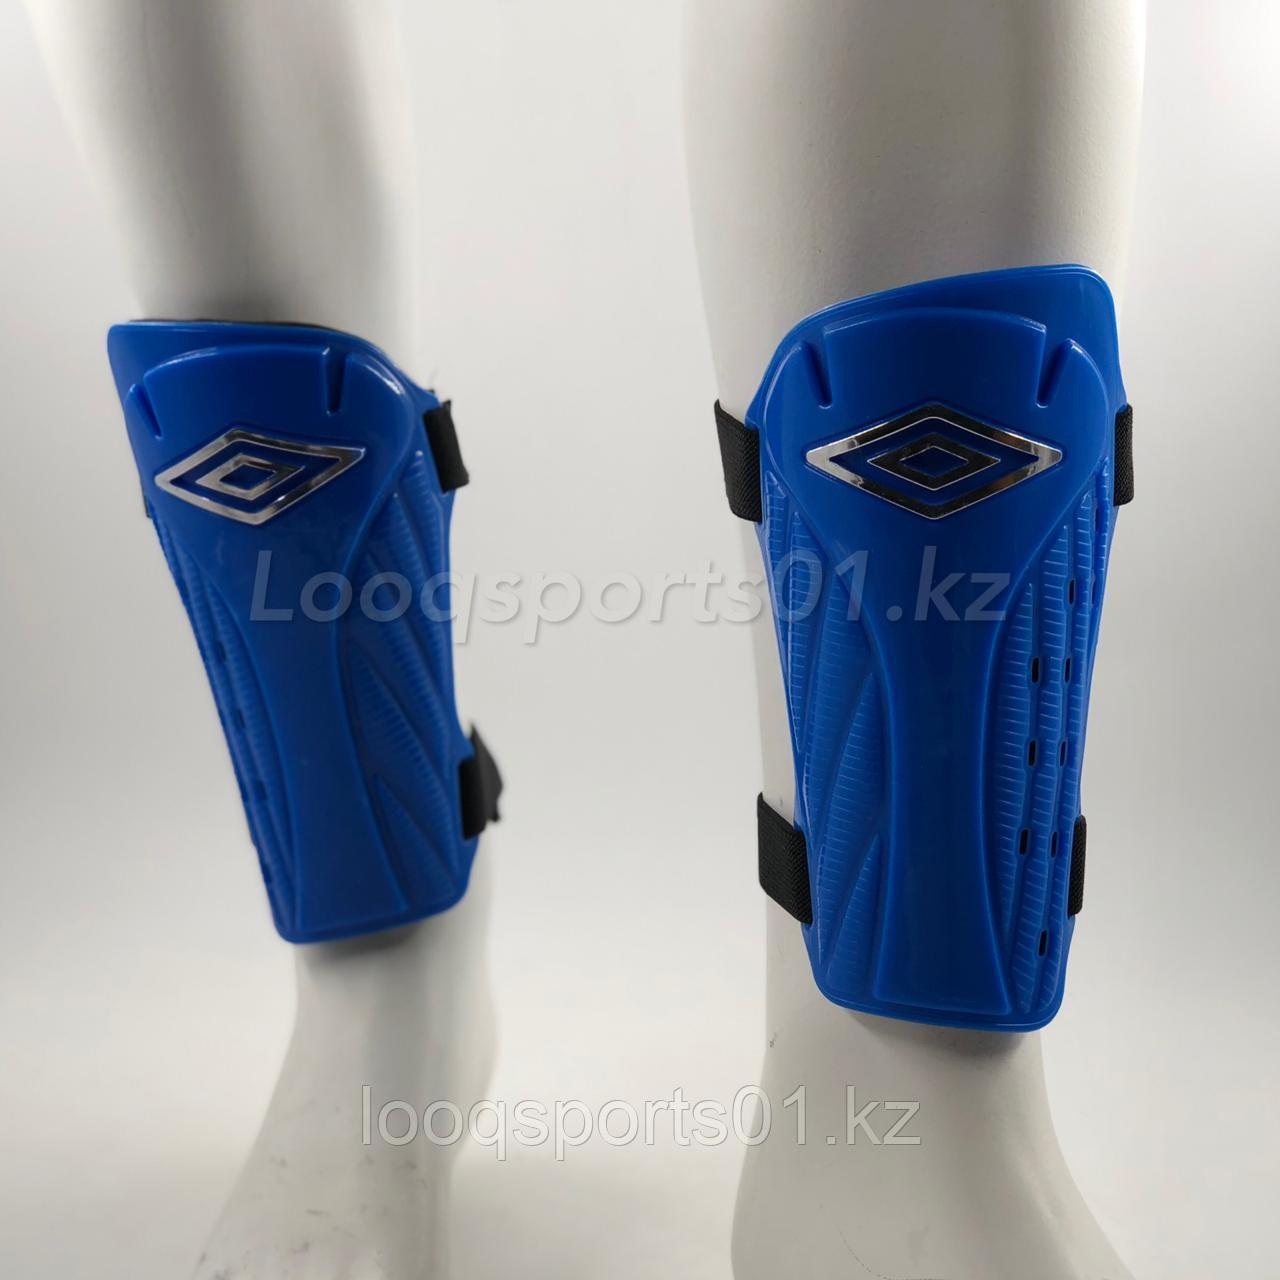 Футбольные защитные щитки Umbro